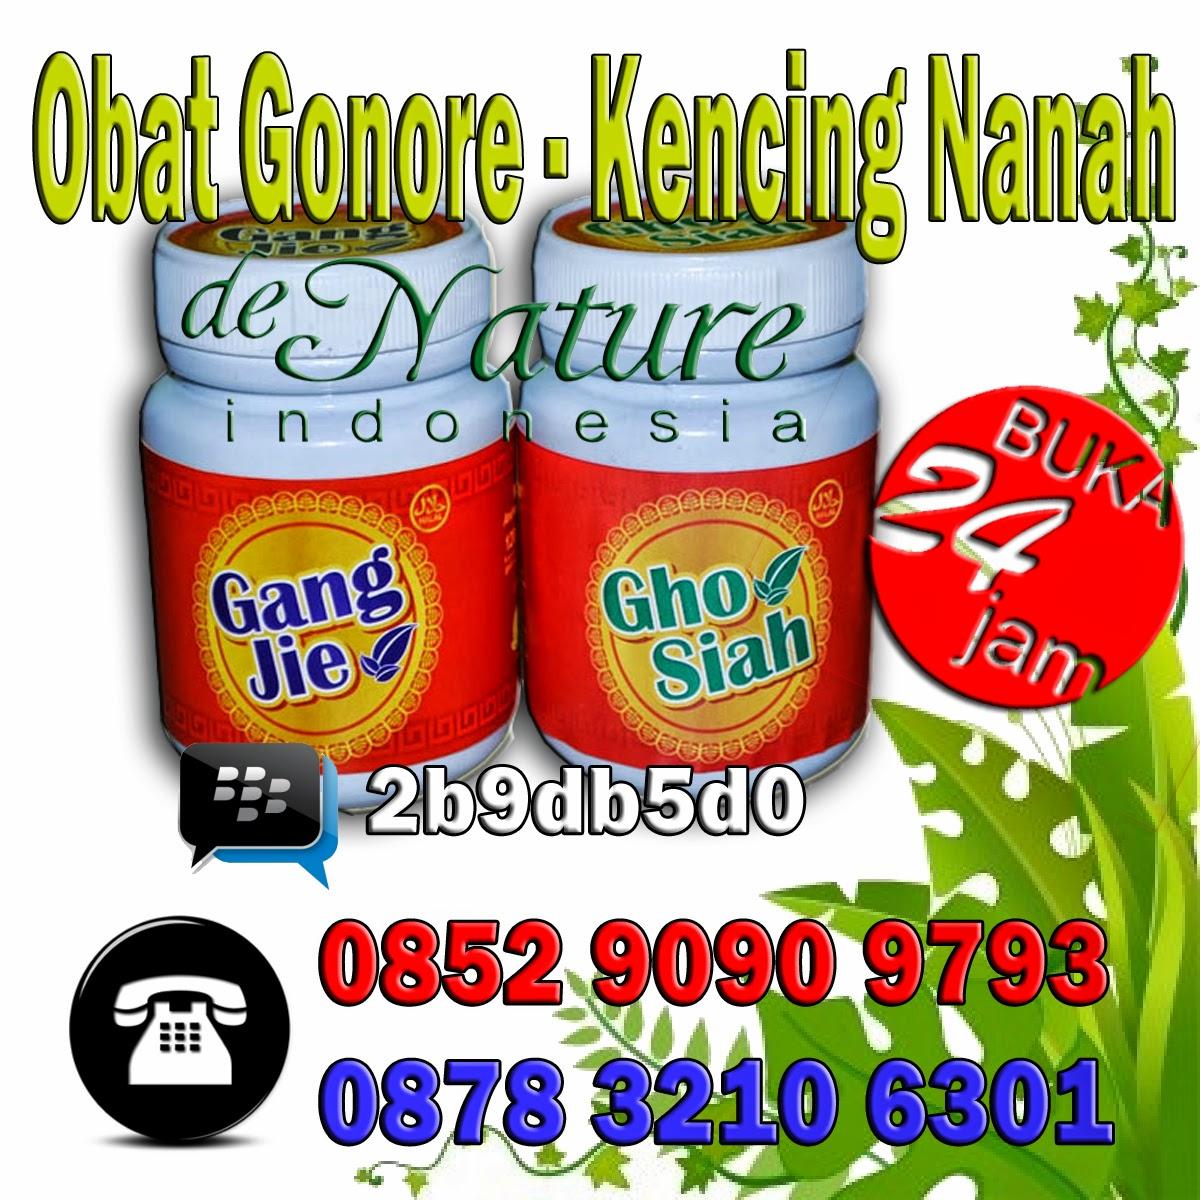 Obat Generik Untuk Penyakit Kencing Nanah/Sipilis